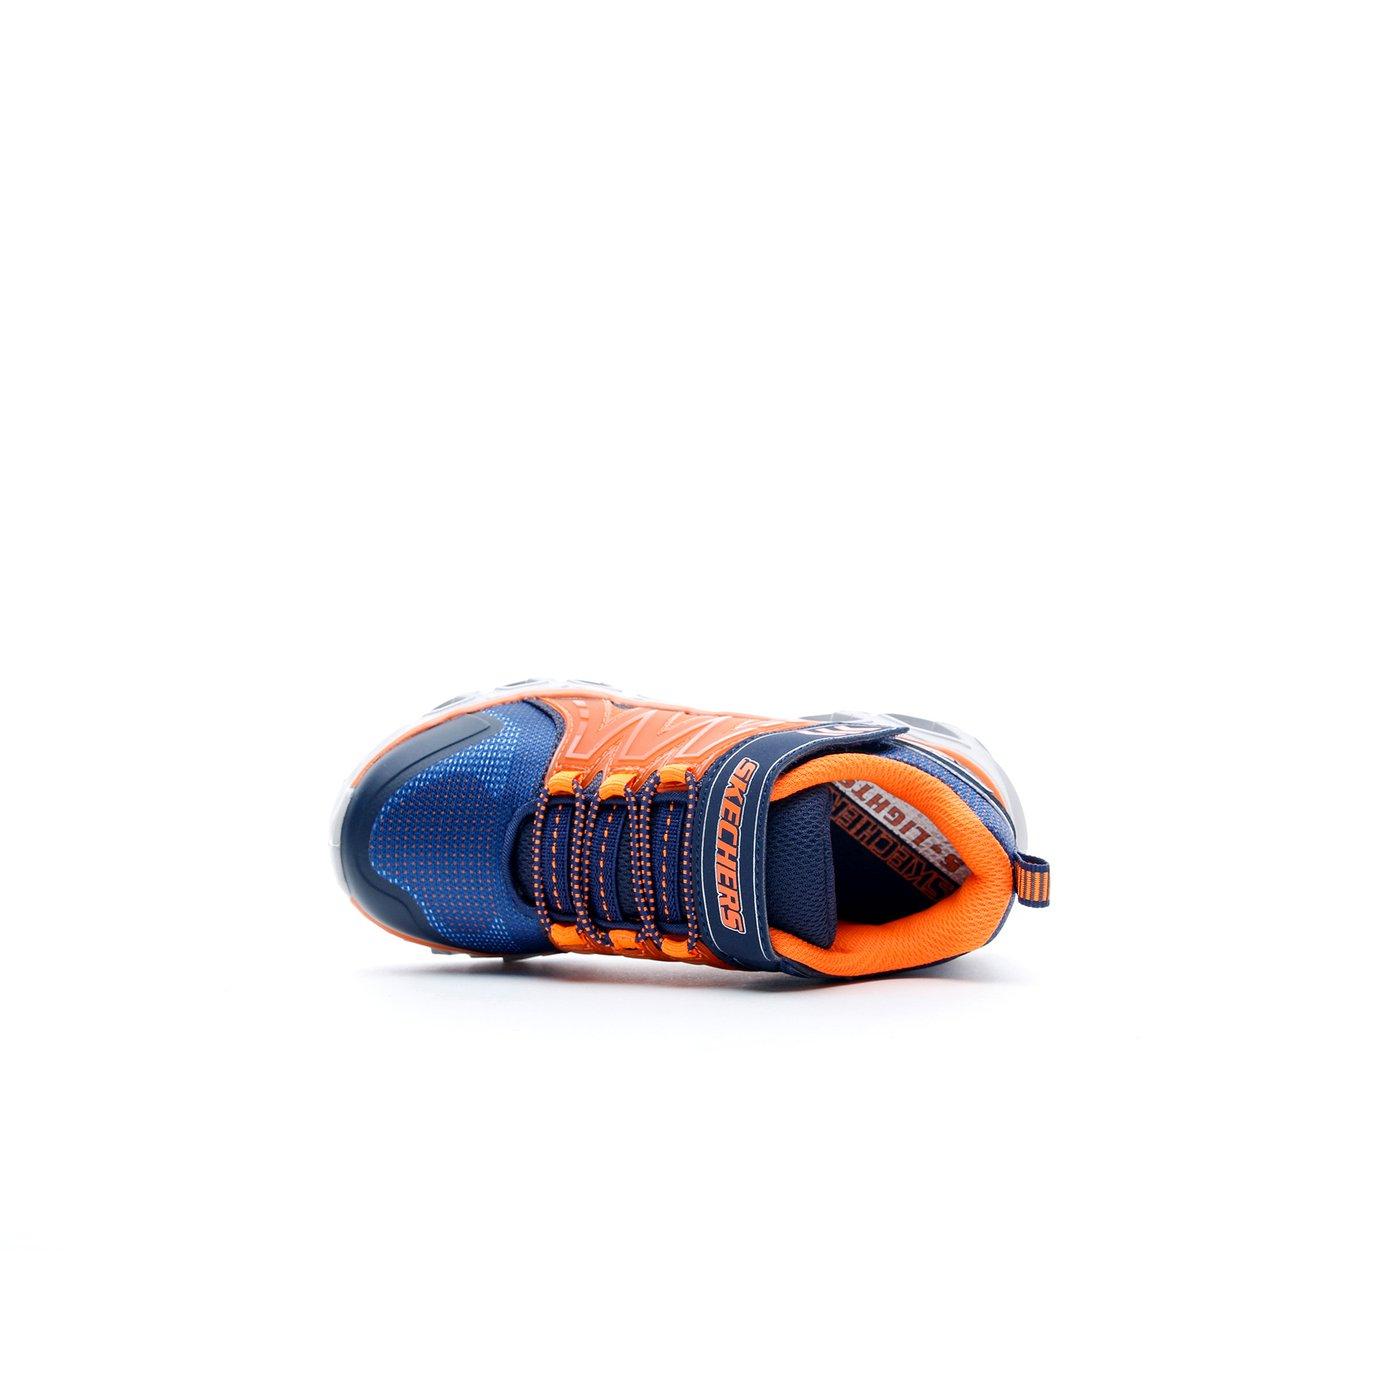 Skechers Hypno-Flash 2.0 Işıklı Çocuk Turuncu - Lacivert Spor Ayakkabı